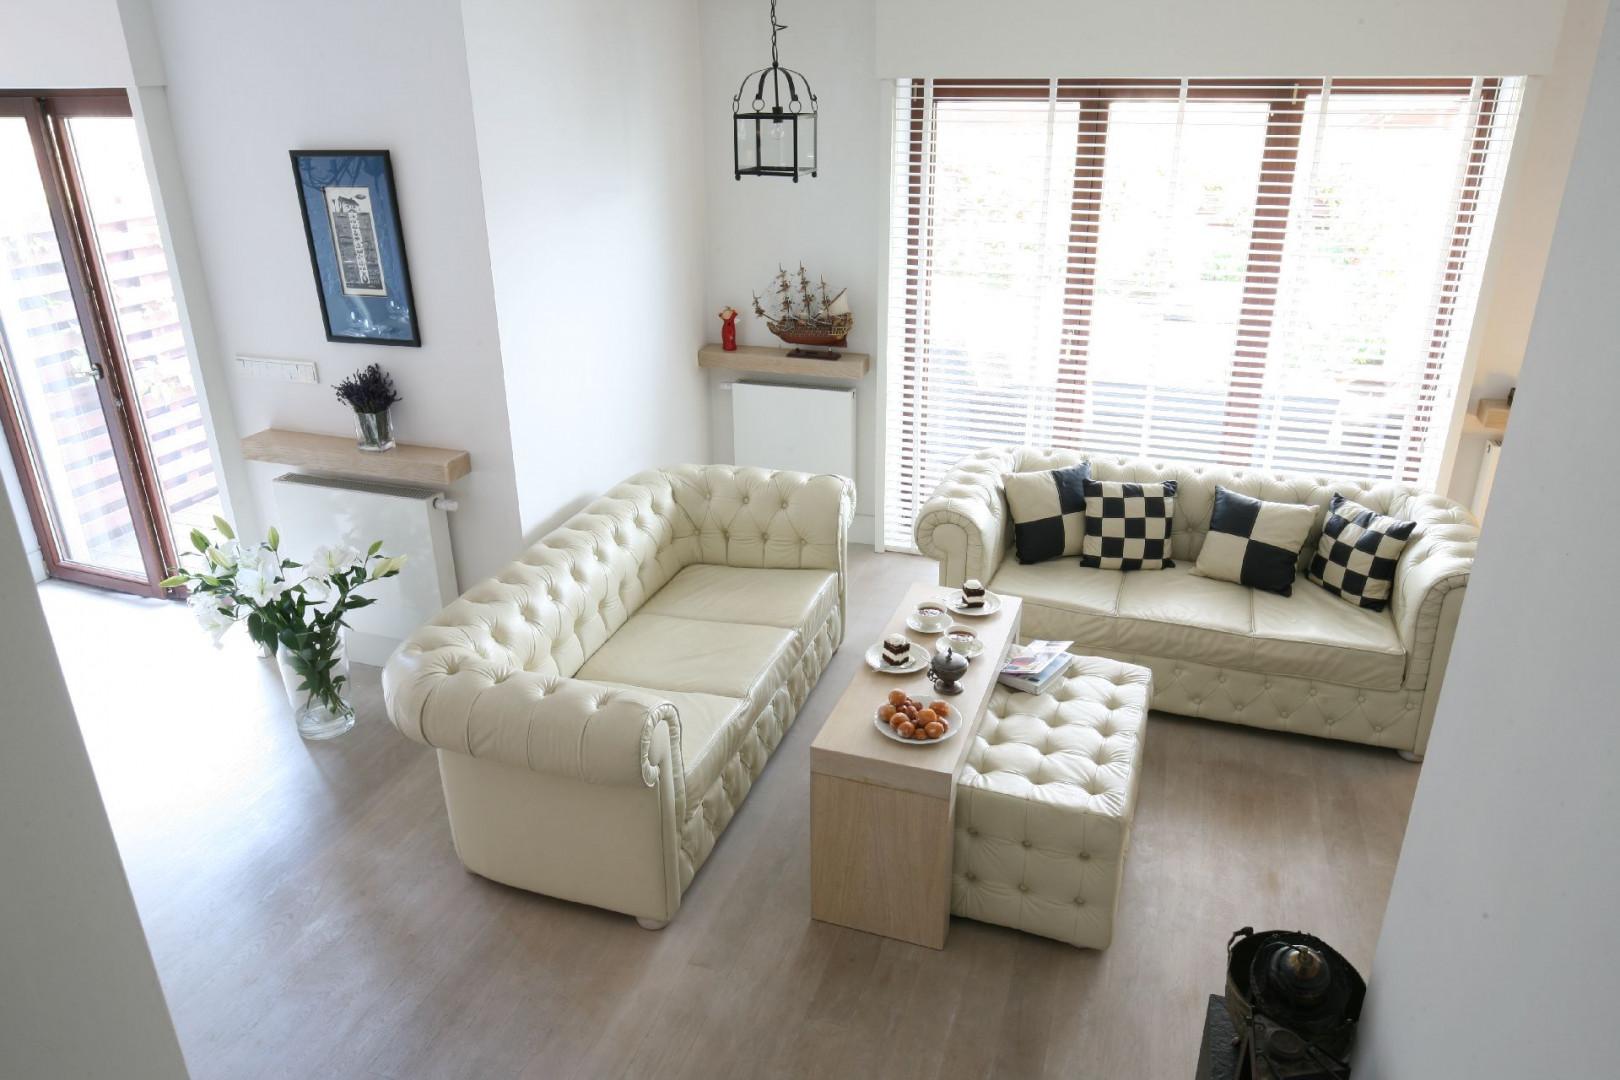 Pikowane sofy typu chesterfield doskonale pasują do stylu glamour. Projekt Jarek Jończyk Monika Włodarczyk Fot. Bartosz Jarosz